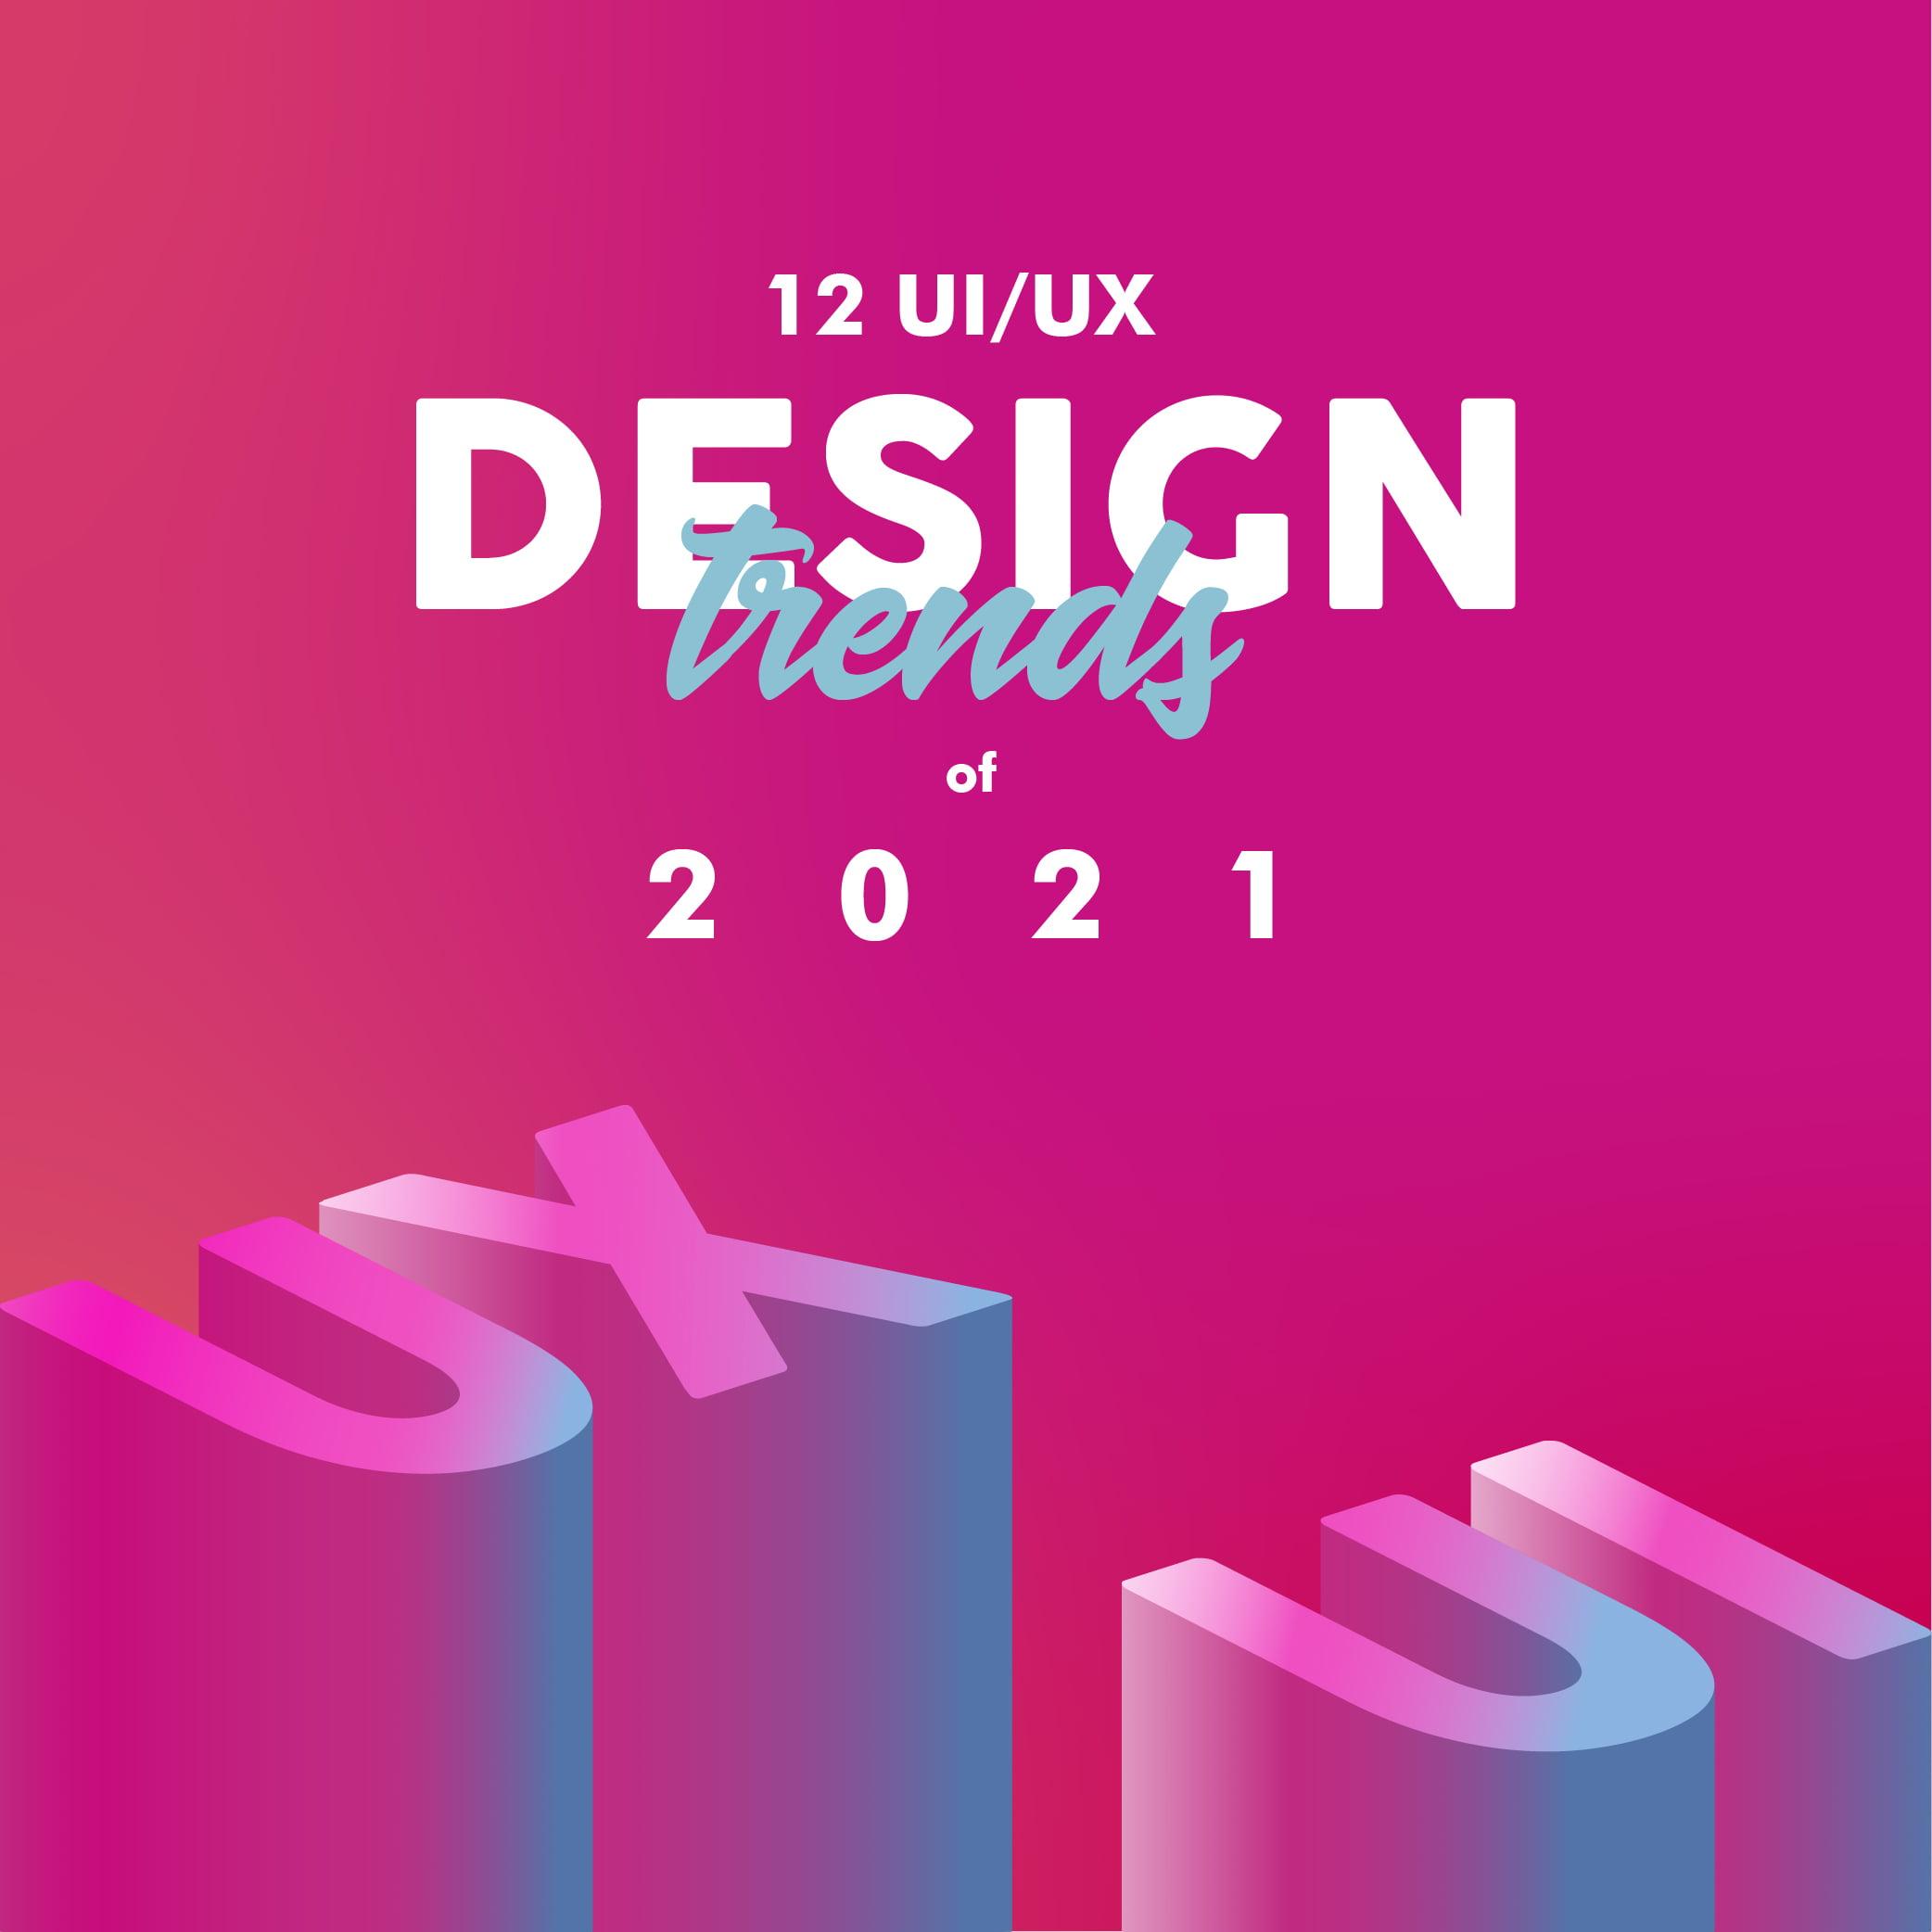 12 Superior UX/UI Design Trends To Dominate In 2021